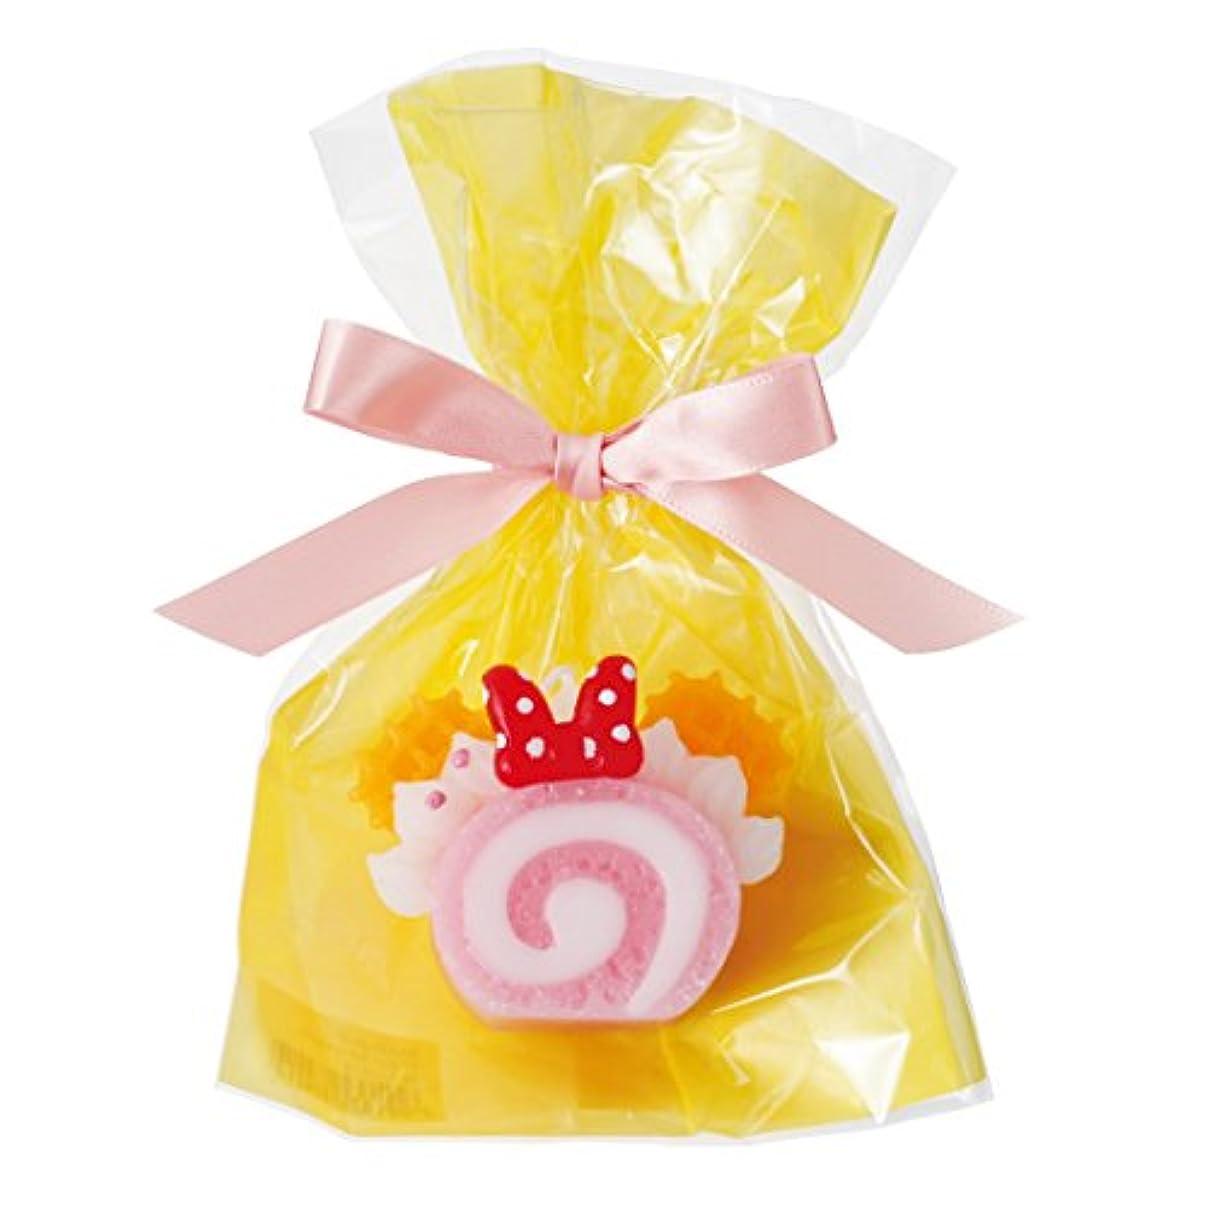 肉学ぶパスディズニースイーツキャンドル 「 ピンクロールケーキ 」